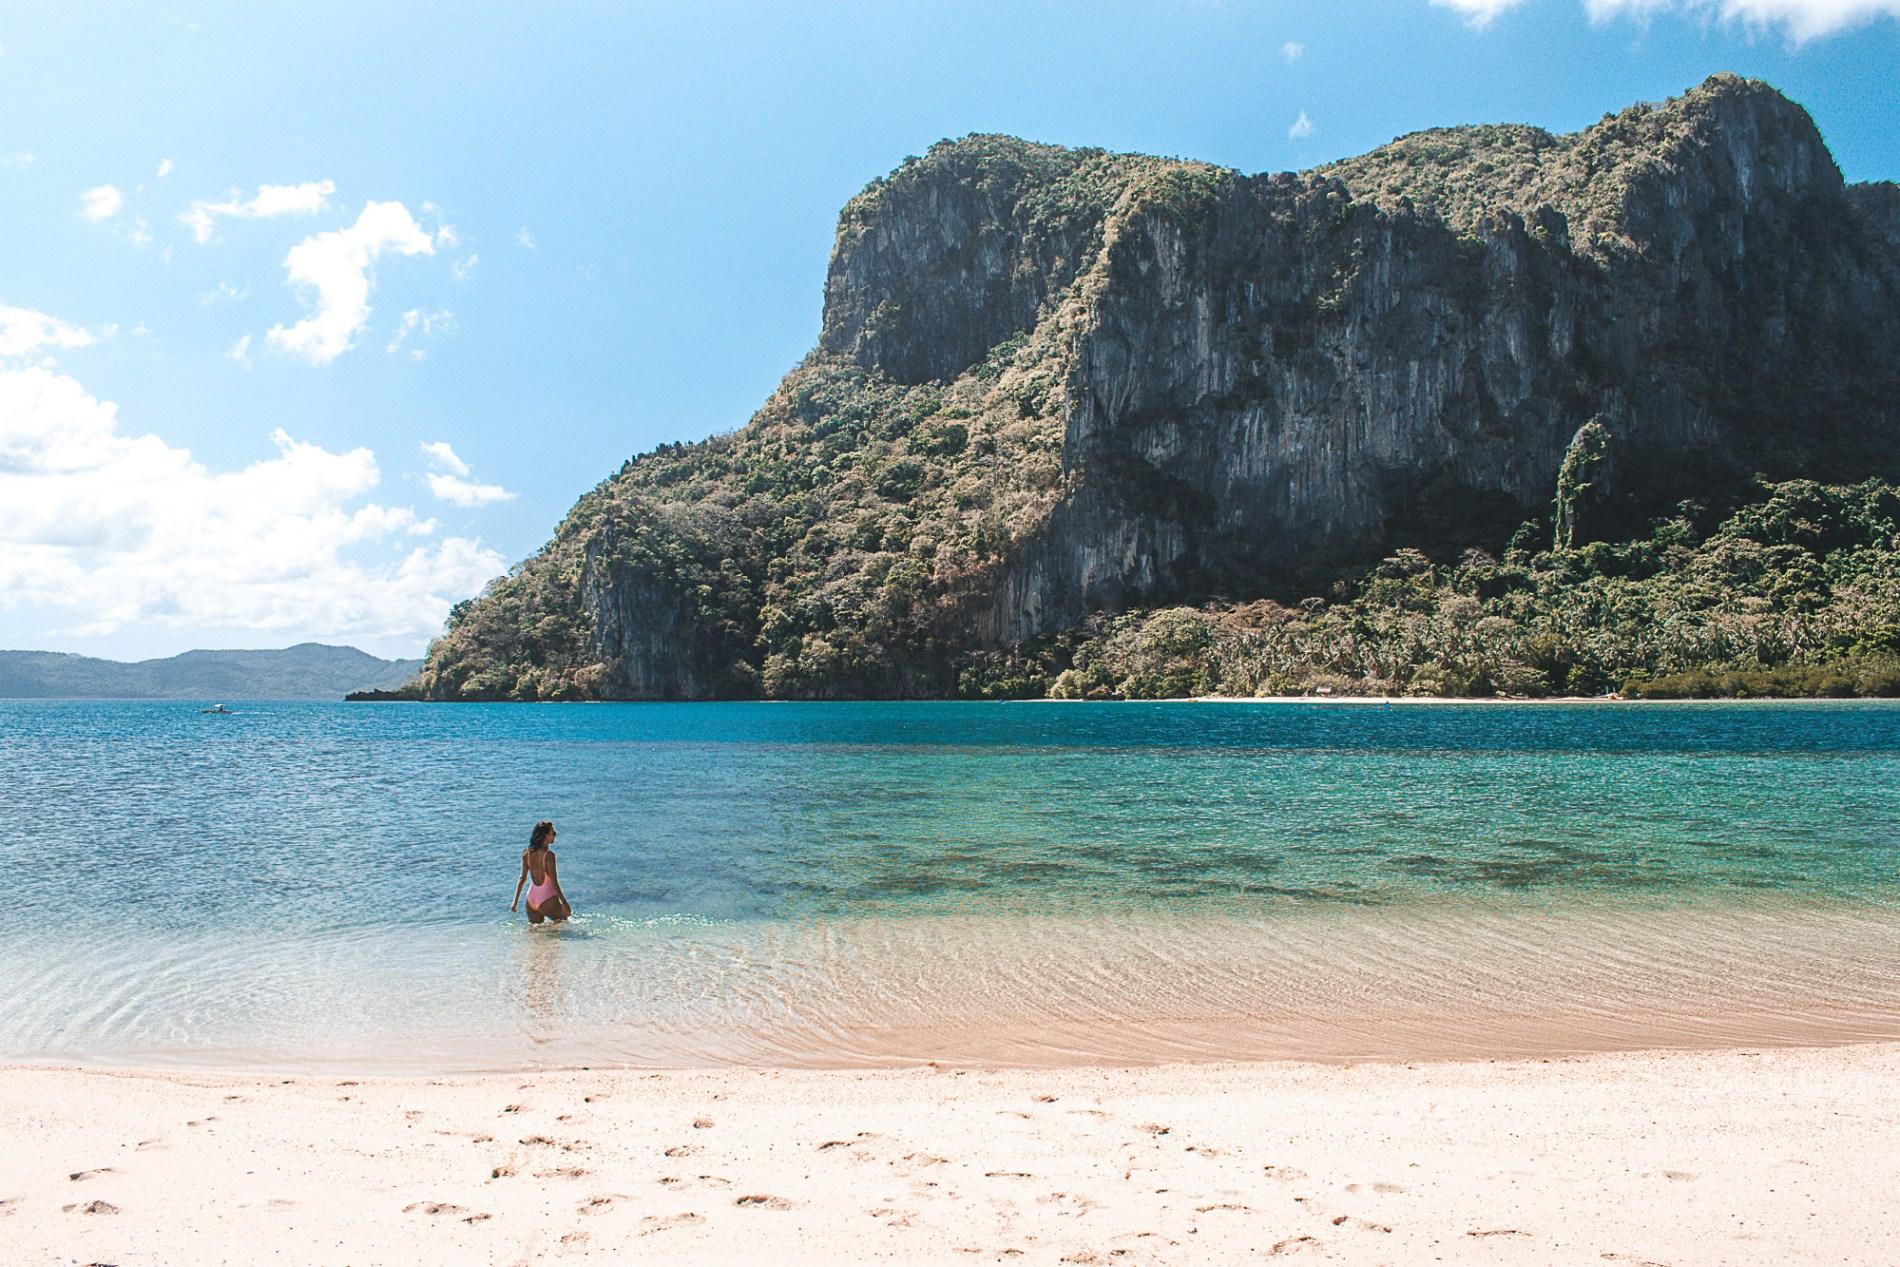 El Nido nas Filipinas - Dicas de viagem e roteiro nas ilhas